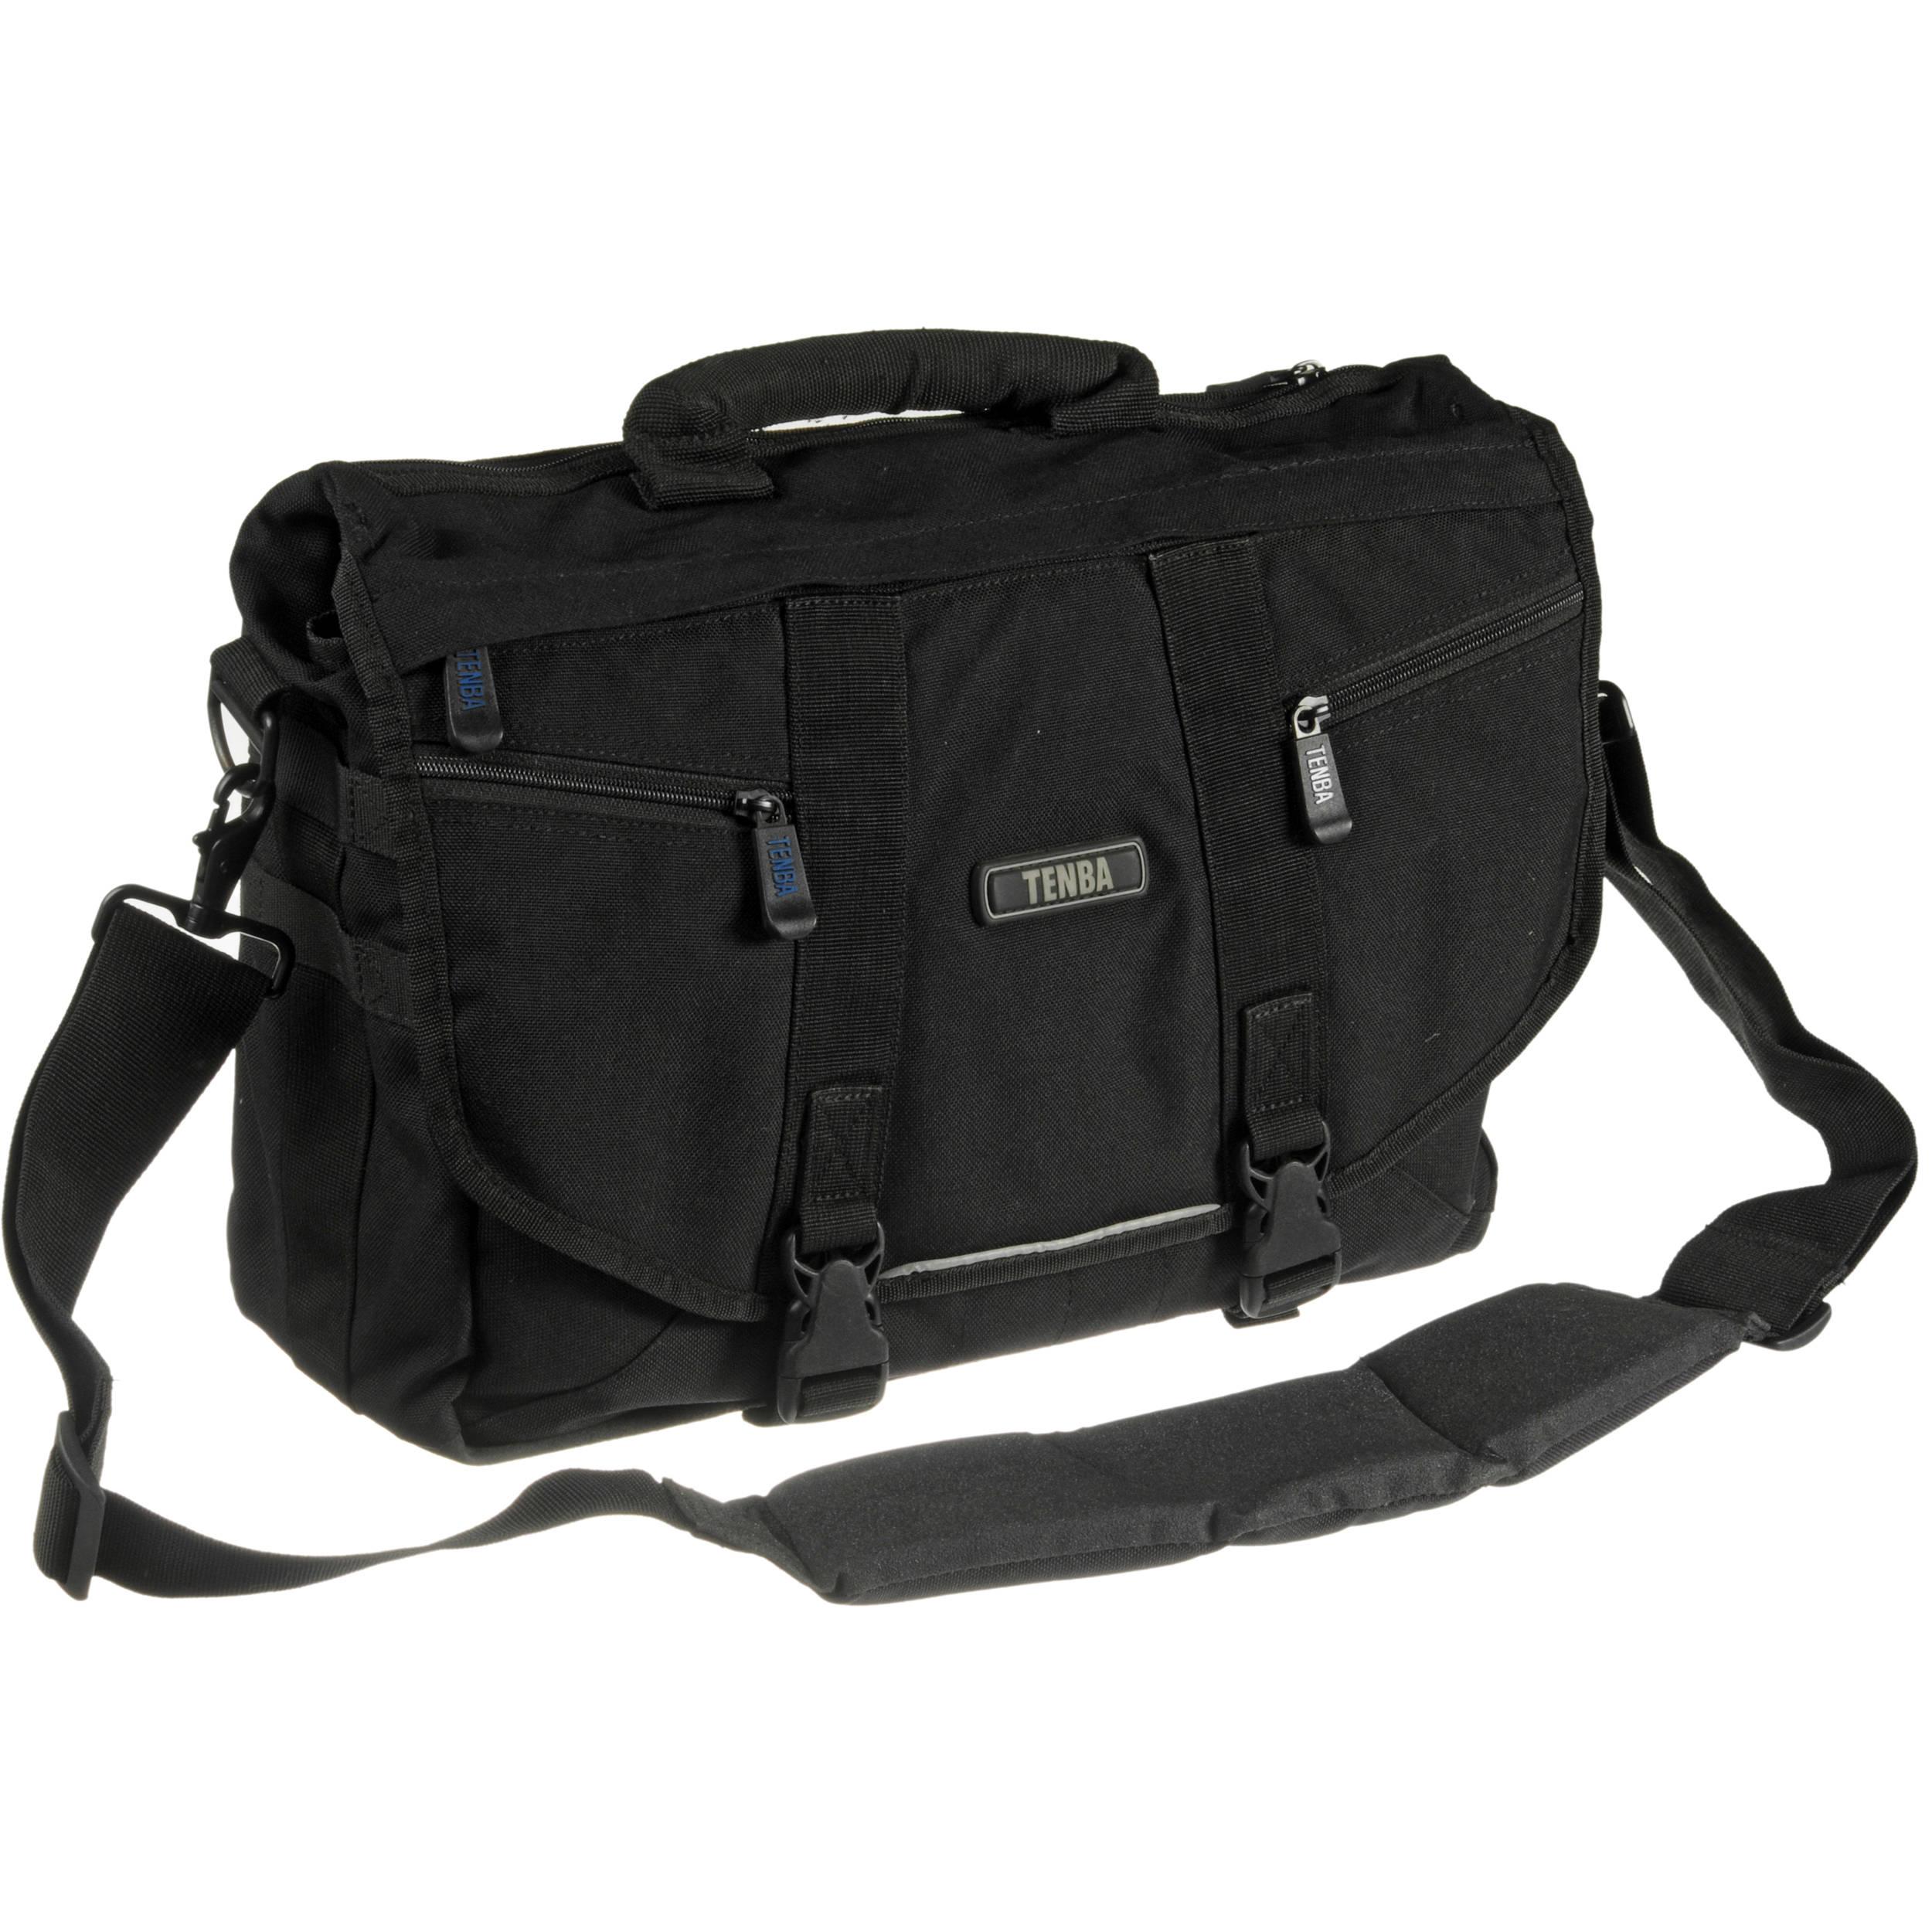 Tenba Messenger Shoulder Bag 10